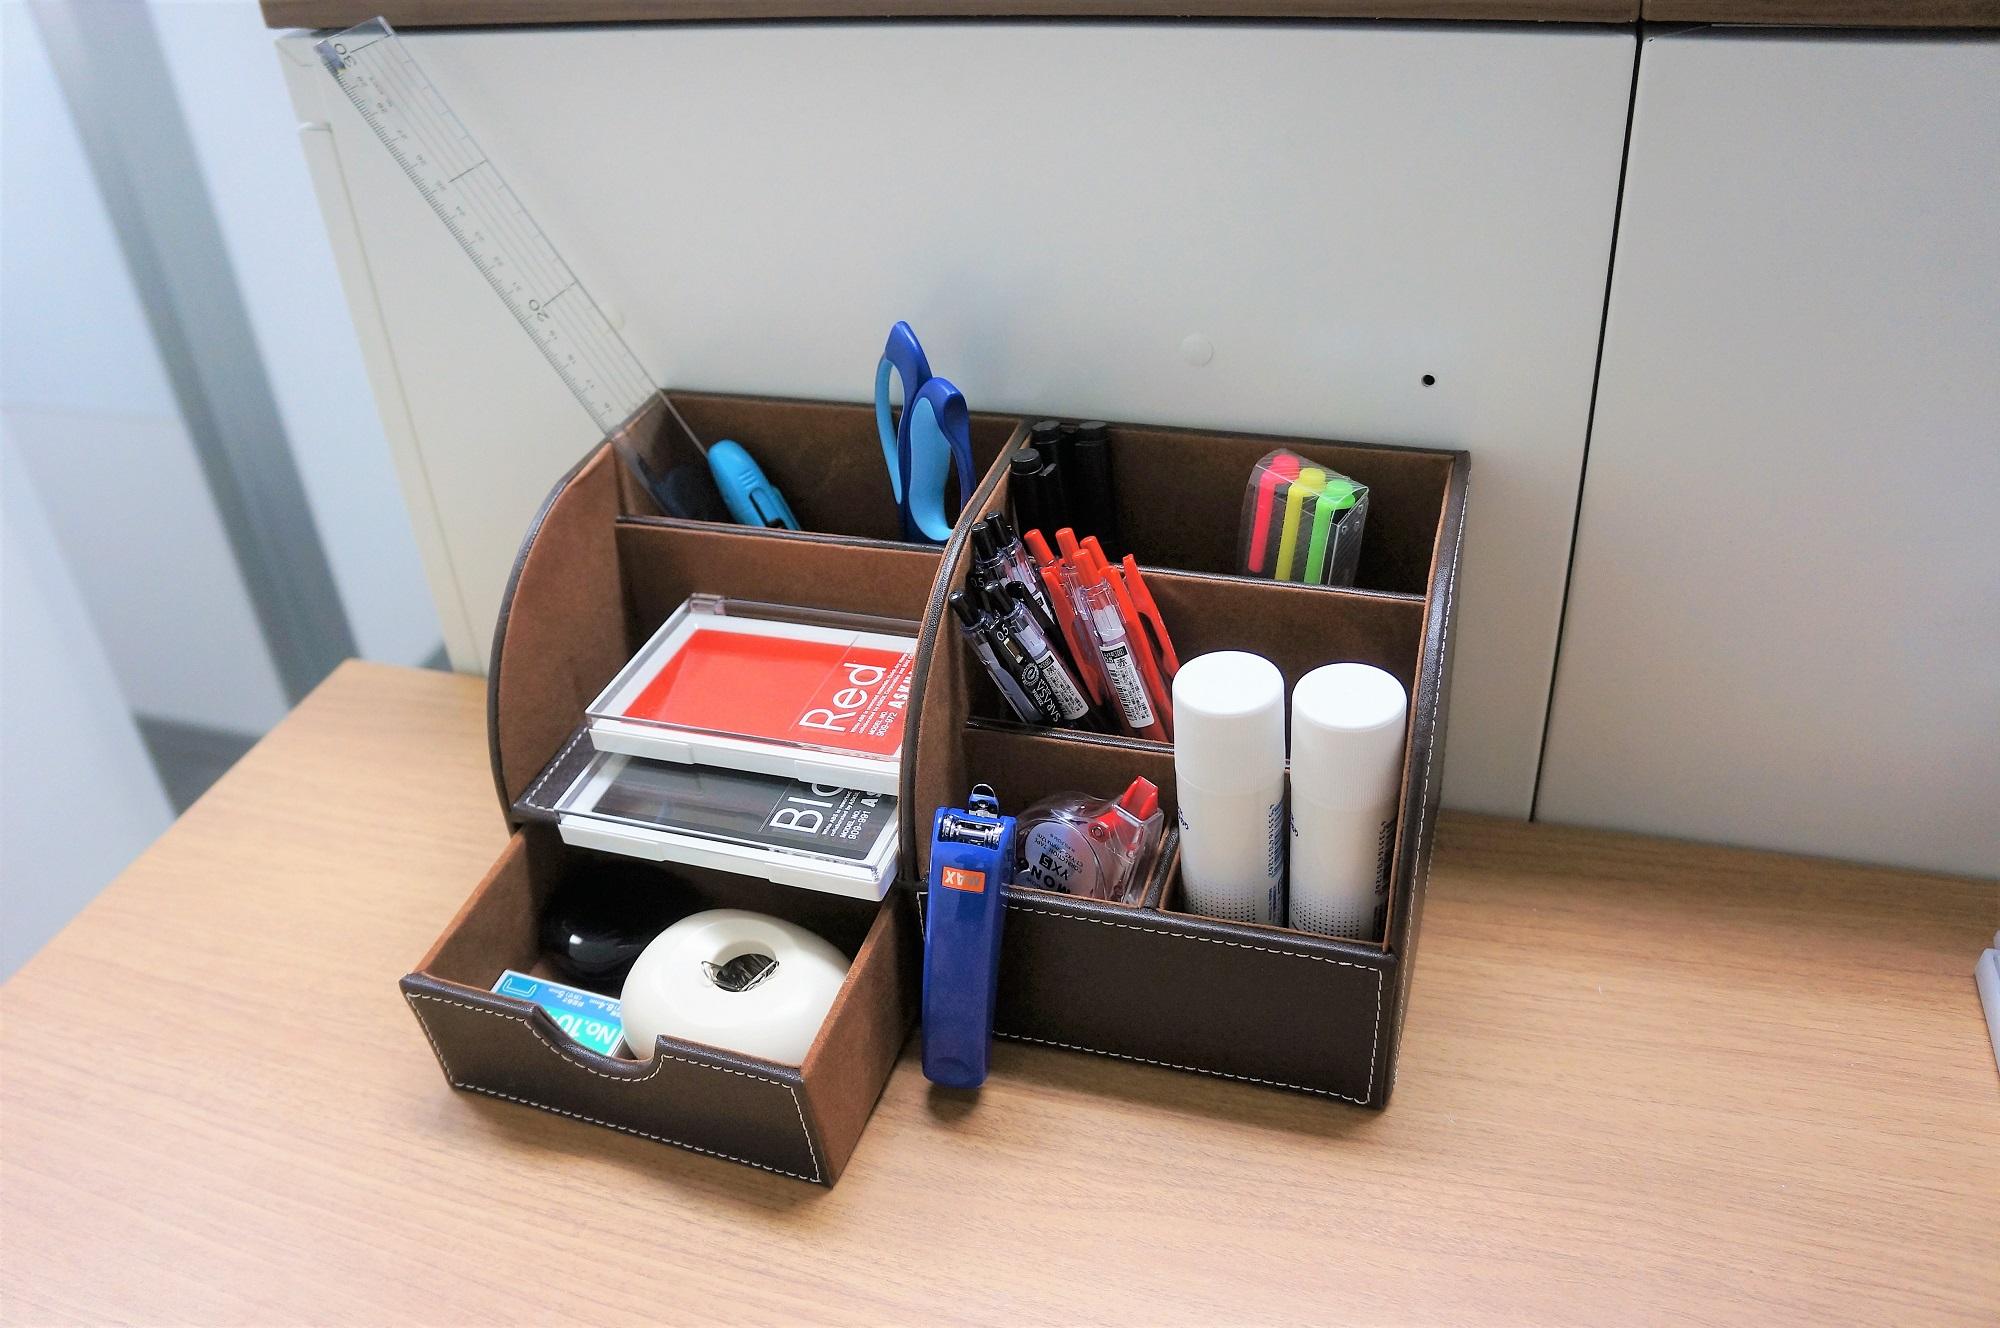 シェアオフィス備品 シェアオフィス文房具 コワーキングスペース文房具 コワーキングスペース備品